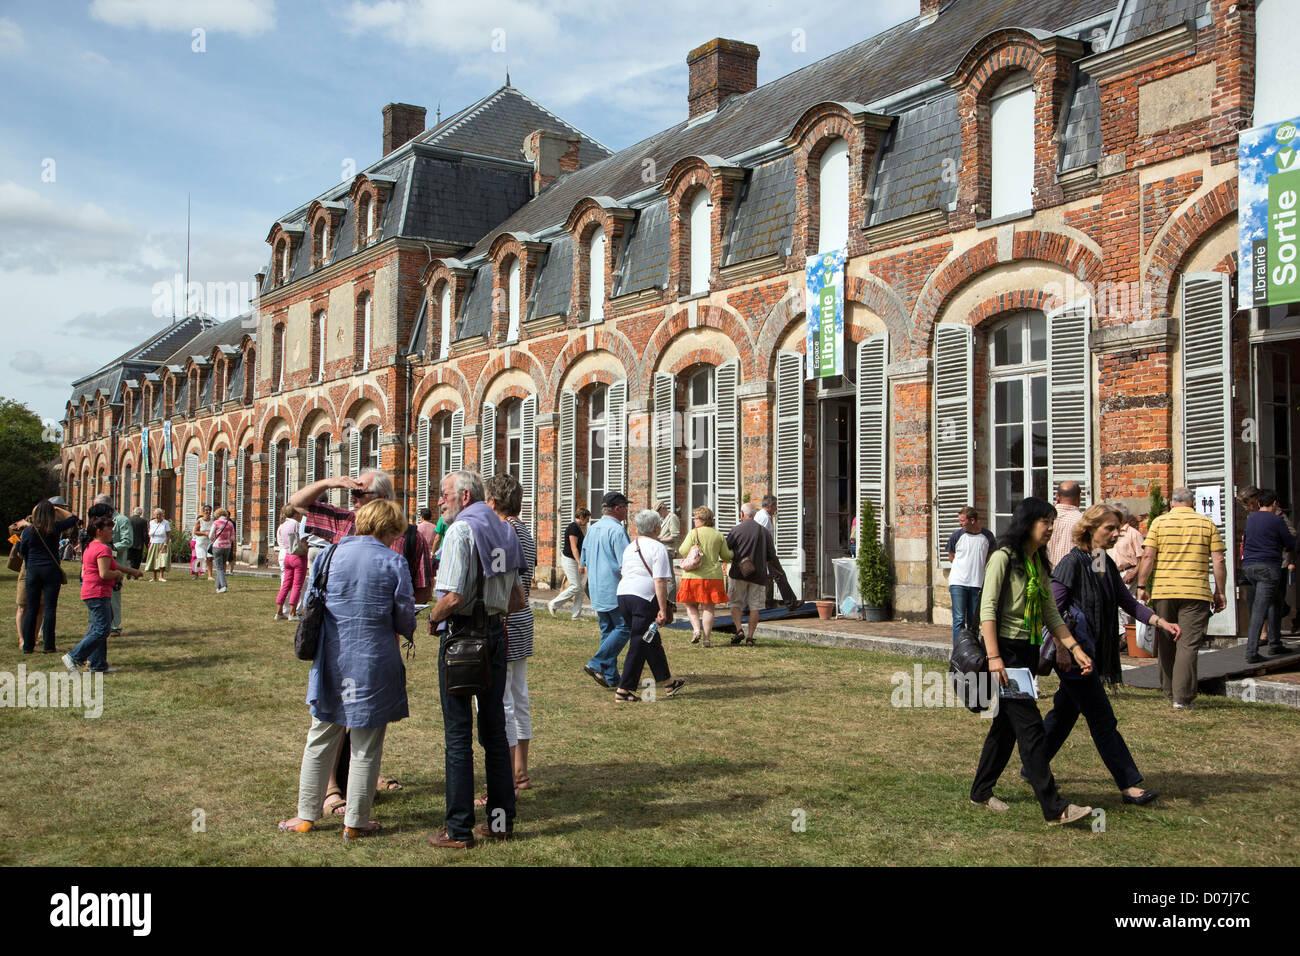 BOOK FESTIVAL DOMAINE DE SAINT-SIMON LA FERTE-VIDAME EURE-ET-LOIR (28) FRANCE - Stock Image